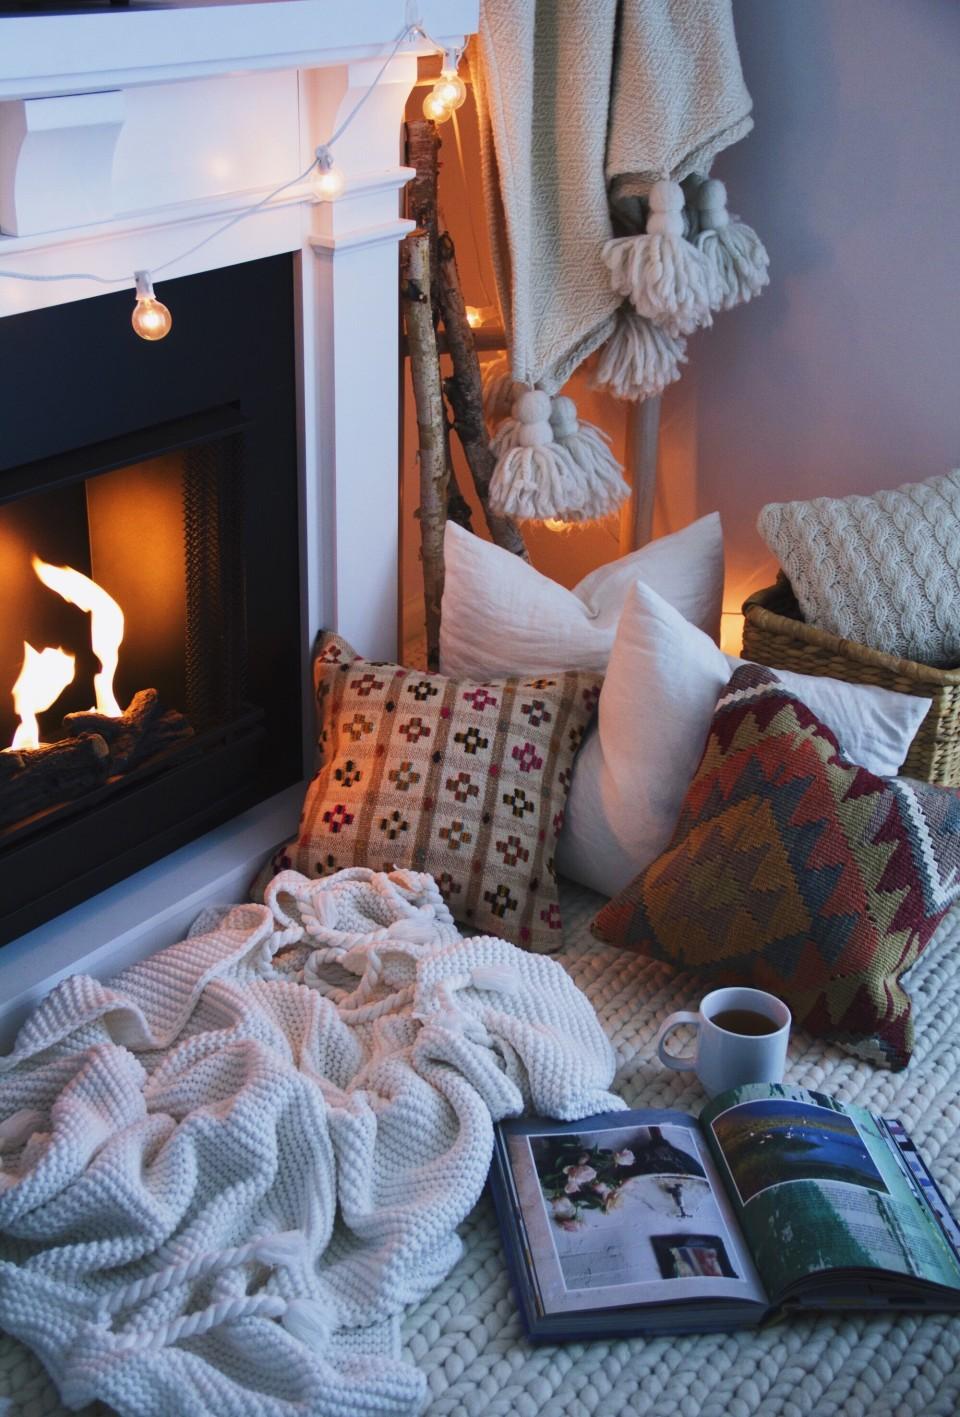 deco d'hiver, ambiance cocooning hygge, tapis grosses mailles, couverture moelleuse, guirlande lumineuse, cheminée romantique, coussins décoratifs